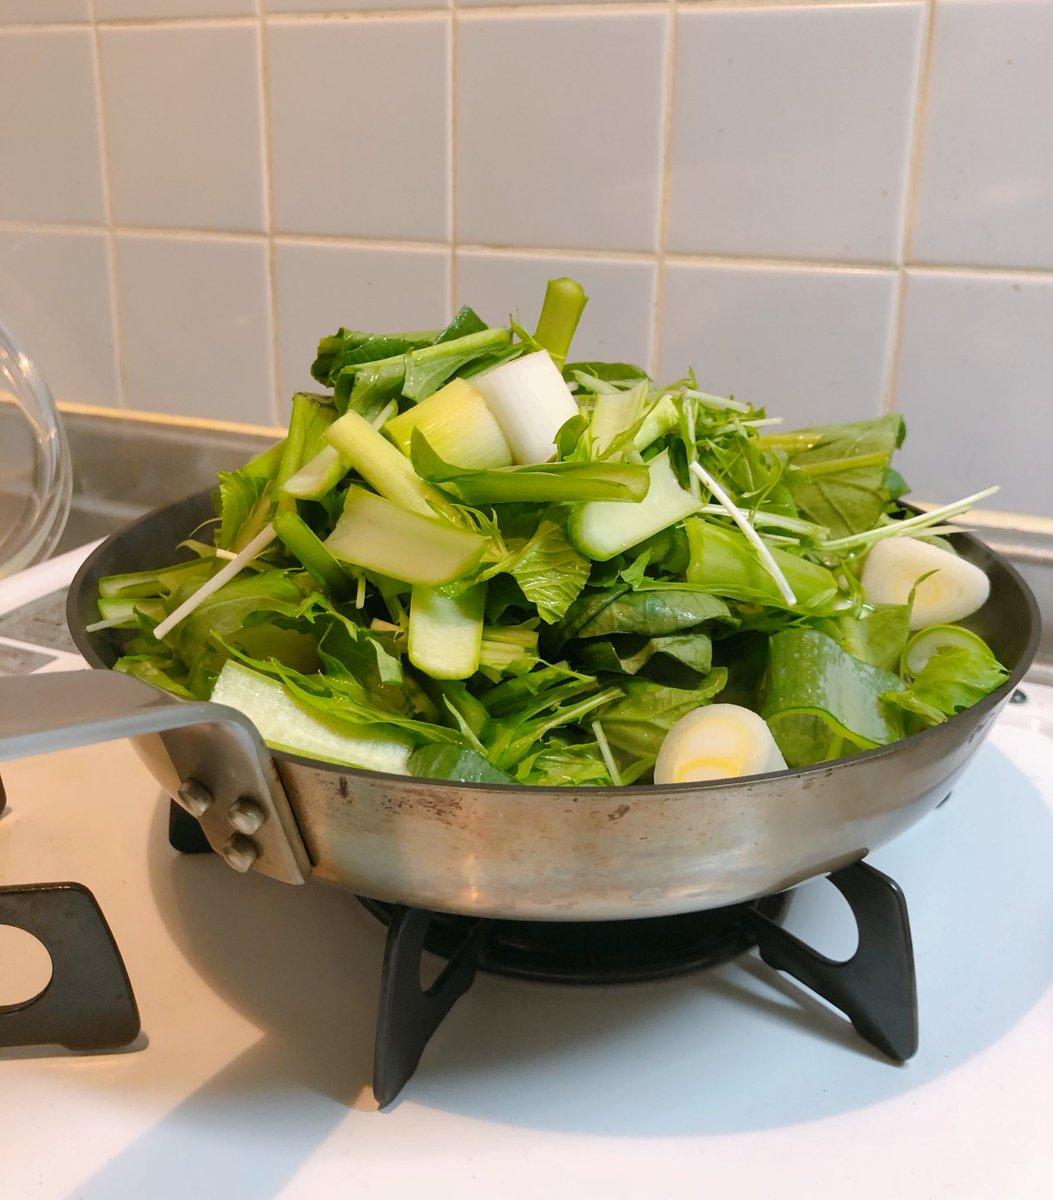 test ツイッターメディア - 小松菜と水菜と長ネギと大葉とささみ とにかく切って入れてみた  なんとかなった✌️!!いえい 雑穀米も久しぶりに炊いた🍚  自炊の一人分って本当に難しい 食べ過ぎてしまう…とにかく量が多い… 野菜の分量がわかってない😅 https://t.co/dBZUCU2XNX